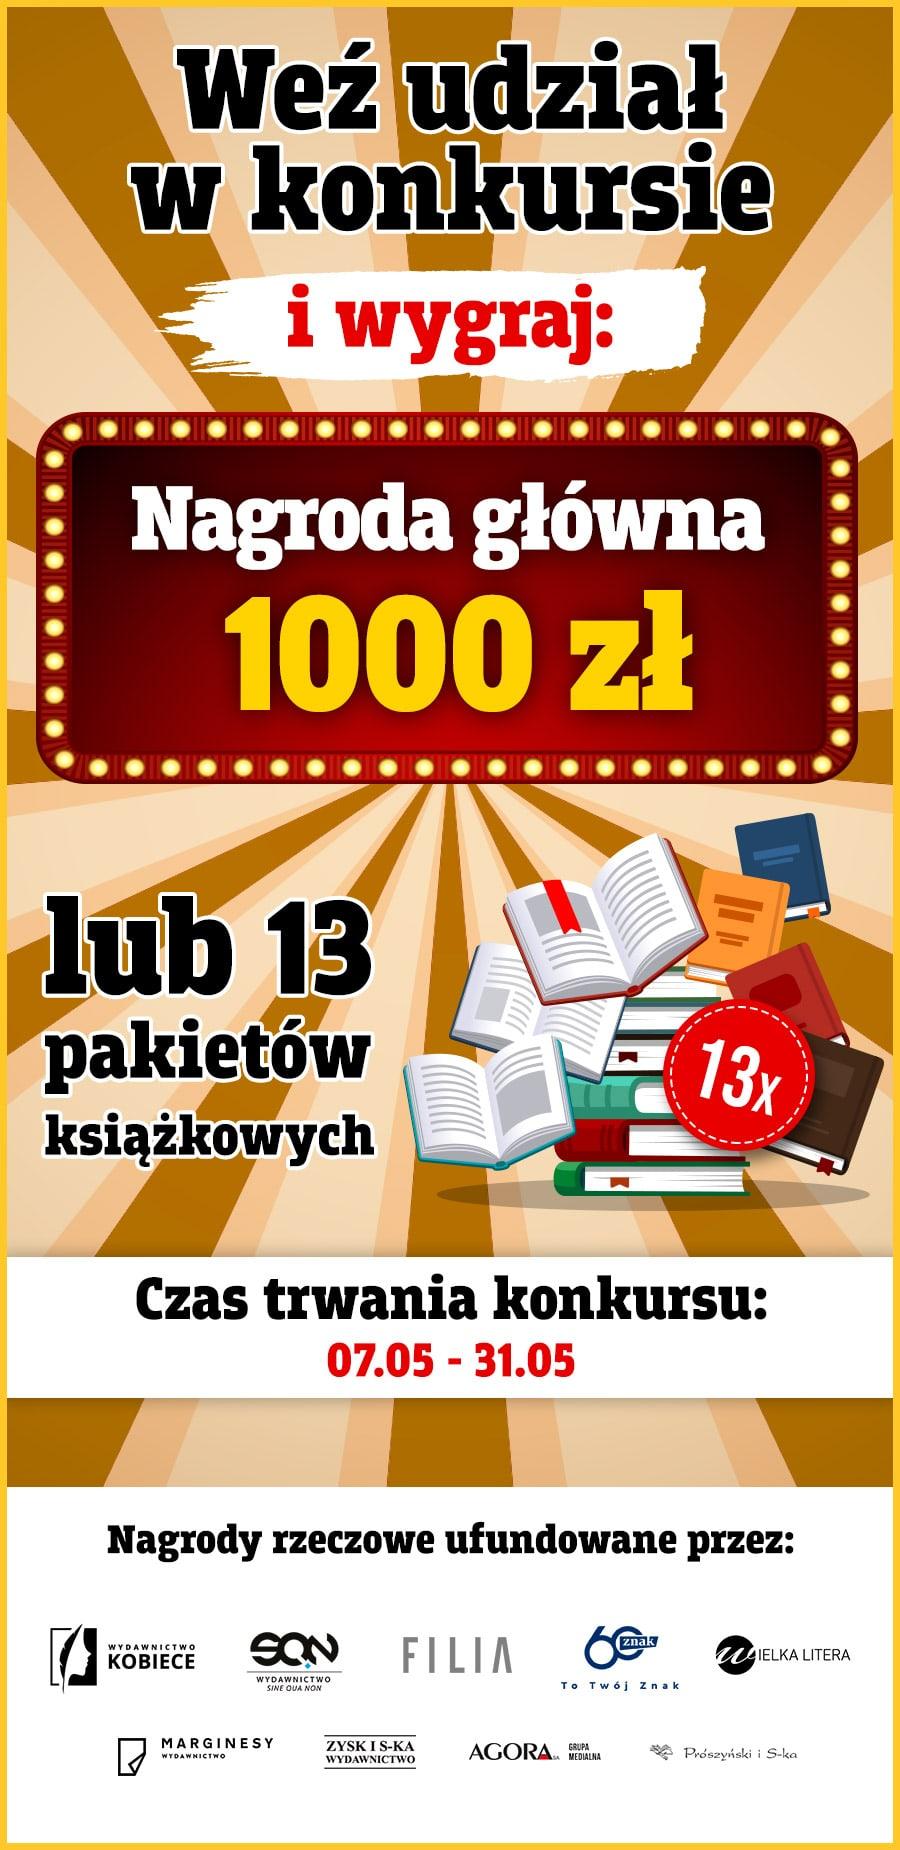 Weź udział w konkursie!